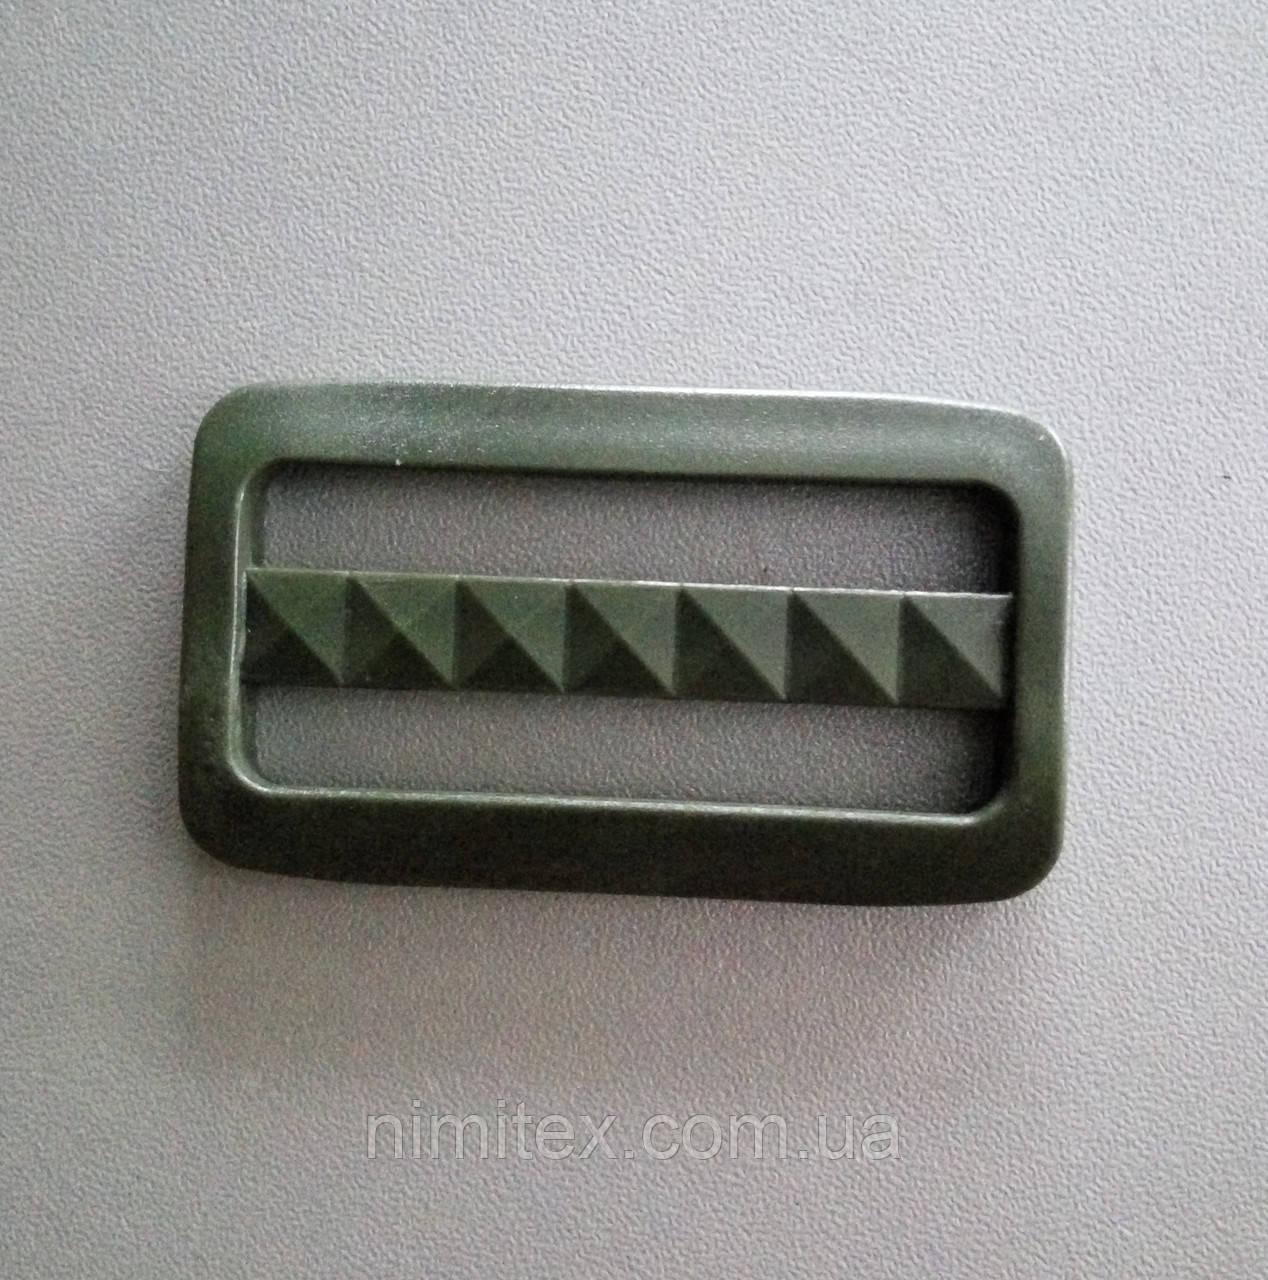 Регулятор пластик 51 мм хаки